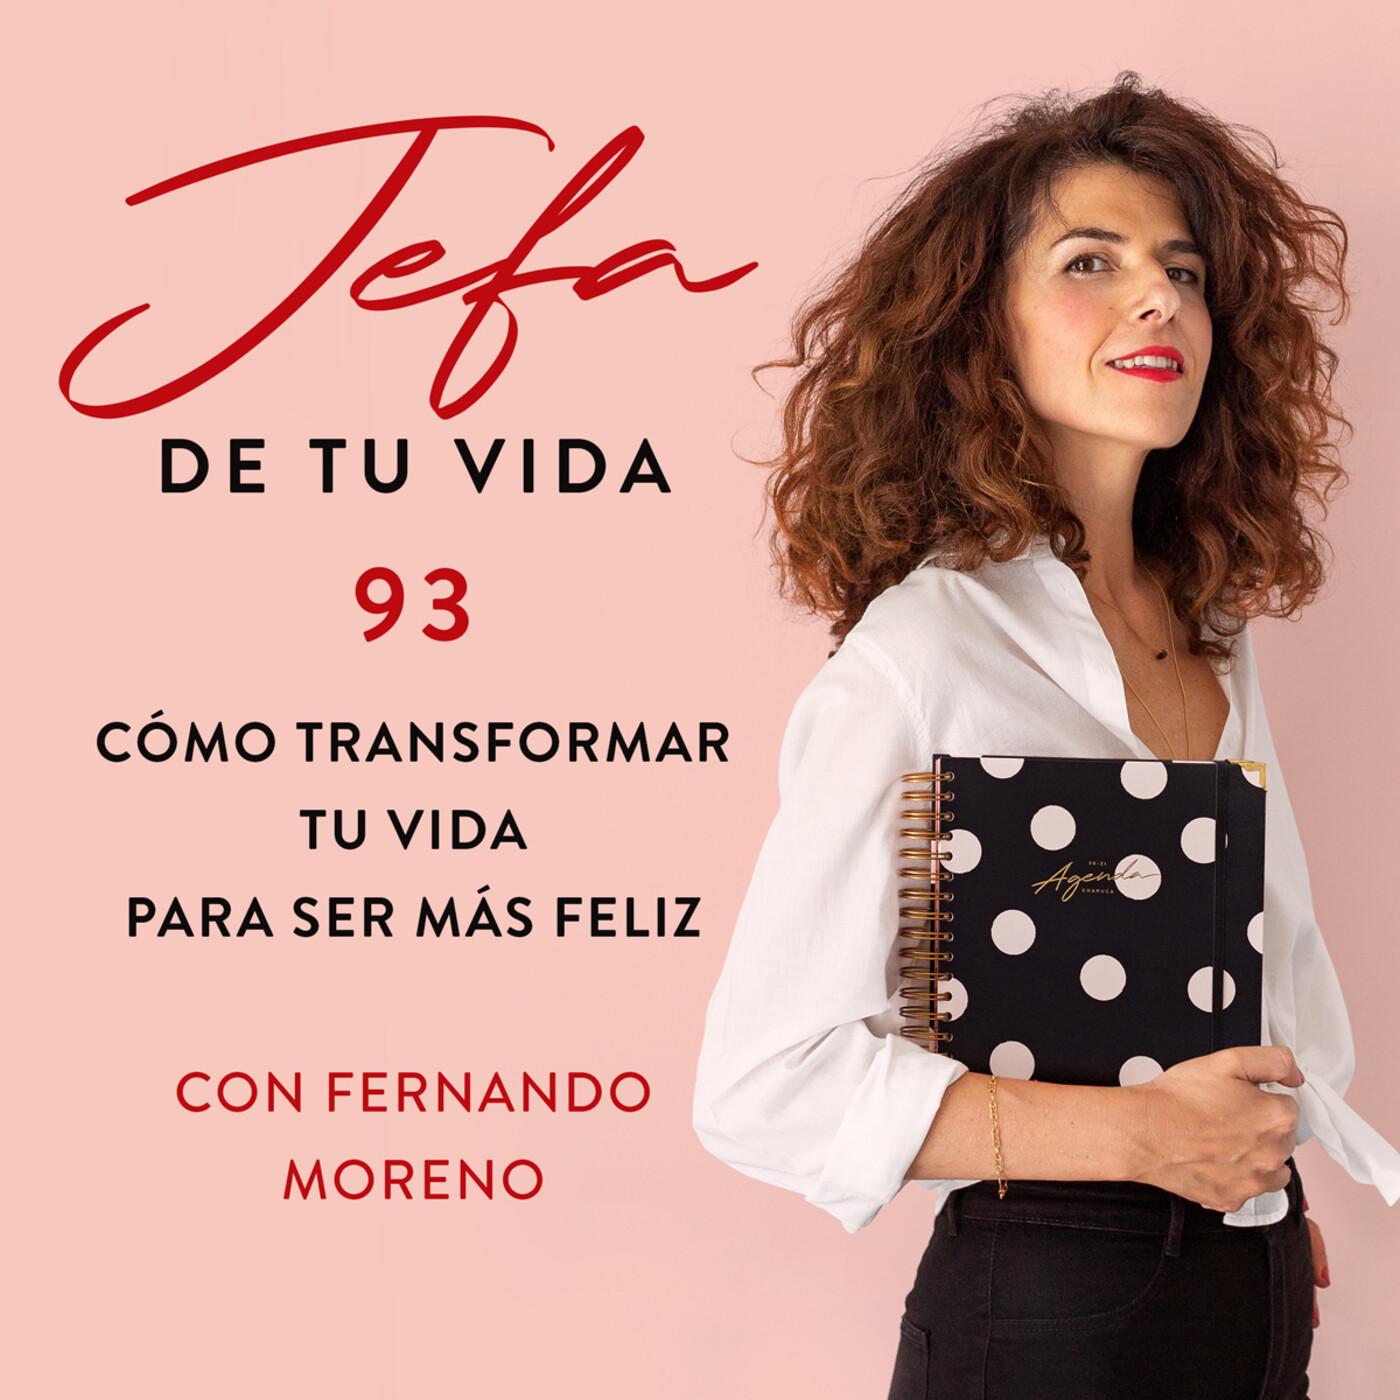 93. Cómo transformar tu vida para ser más feliz. Con Fernando Moreno.